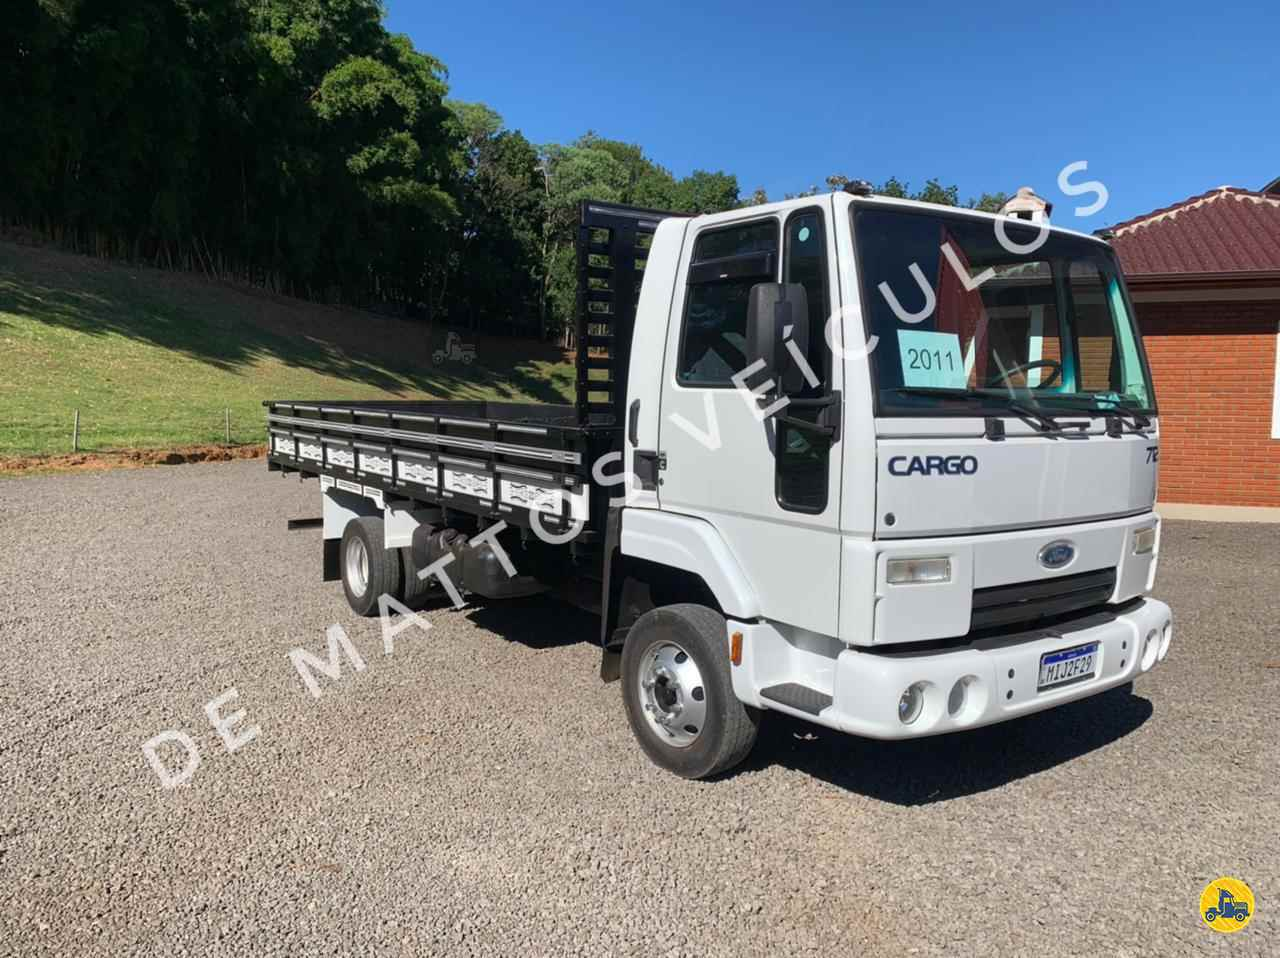 CAMINHAO FORD CARGO 712 Graneleiro Toco 4x2 De Mattos Veículos TUCUNDUVA RIO GRANDE DO SUL RS